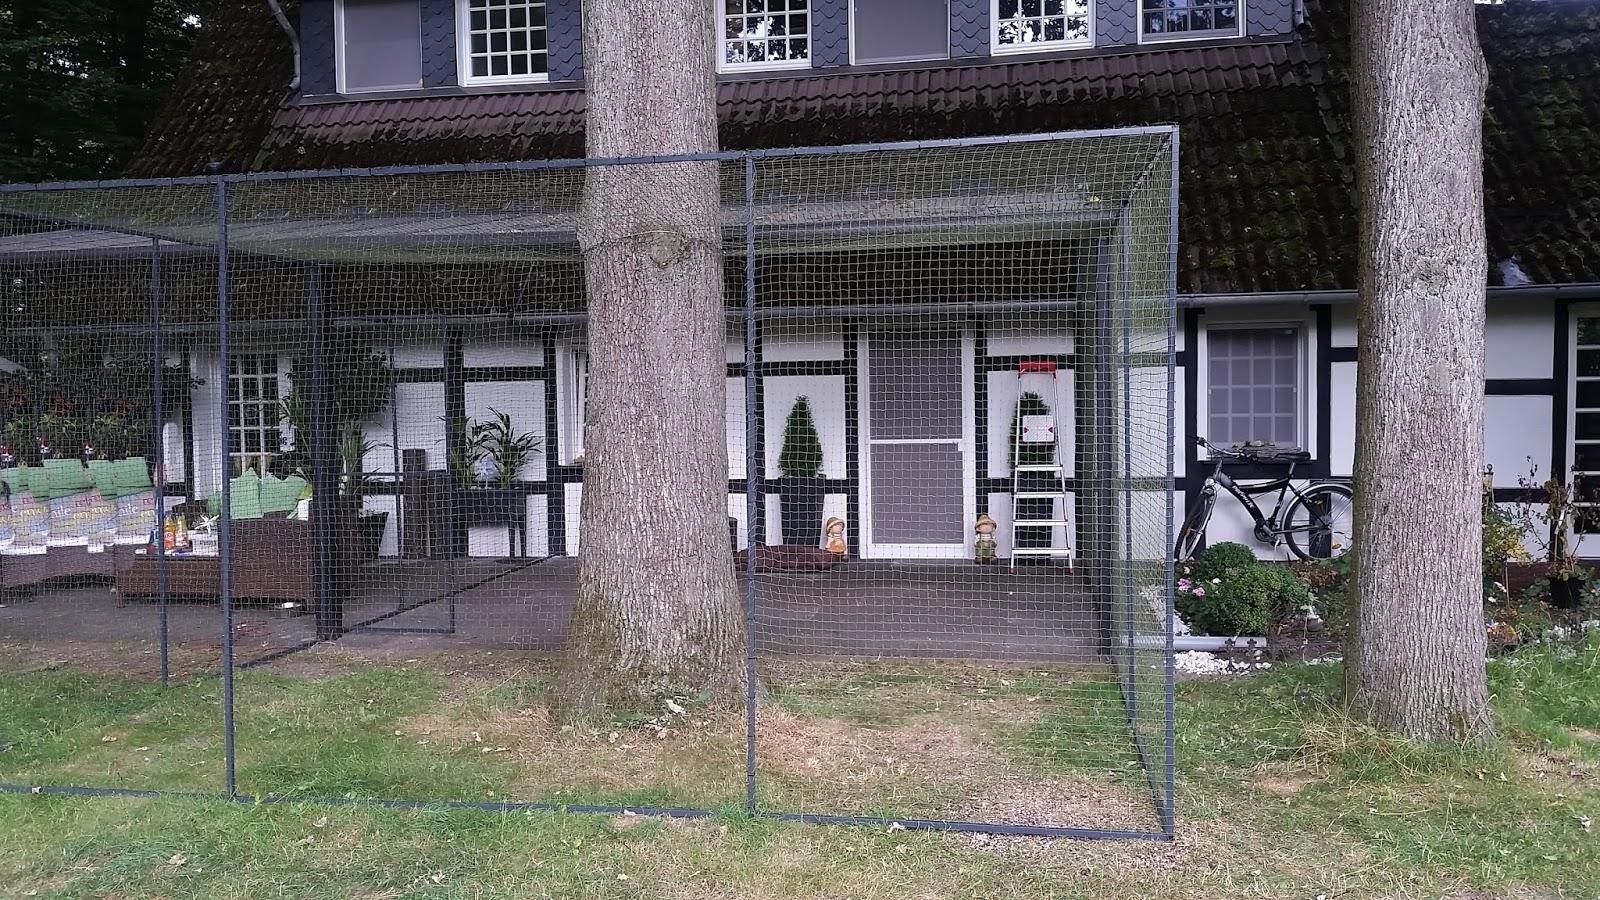 katzennetz nrw die adresse f r ein katzennetz terrasse als katzengehege. Black Bedroom Furniture Sets. Home Design Ideas